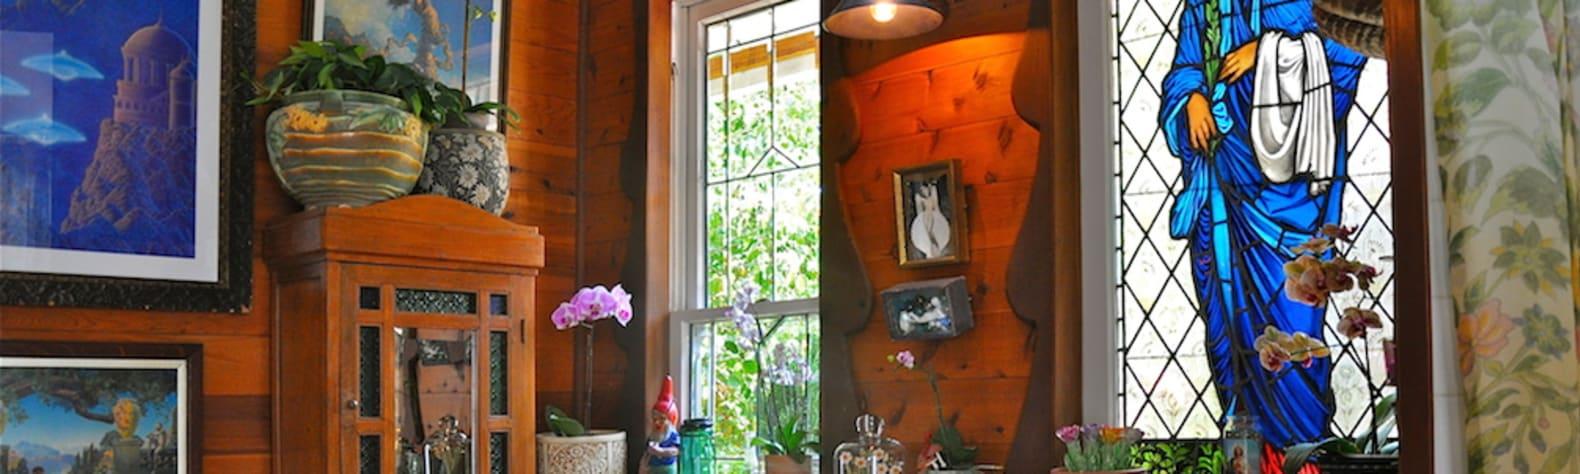 Swallowtail Historic Art Studio